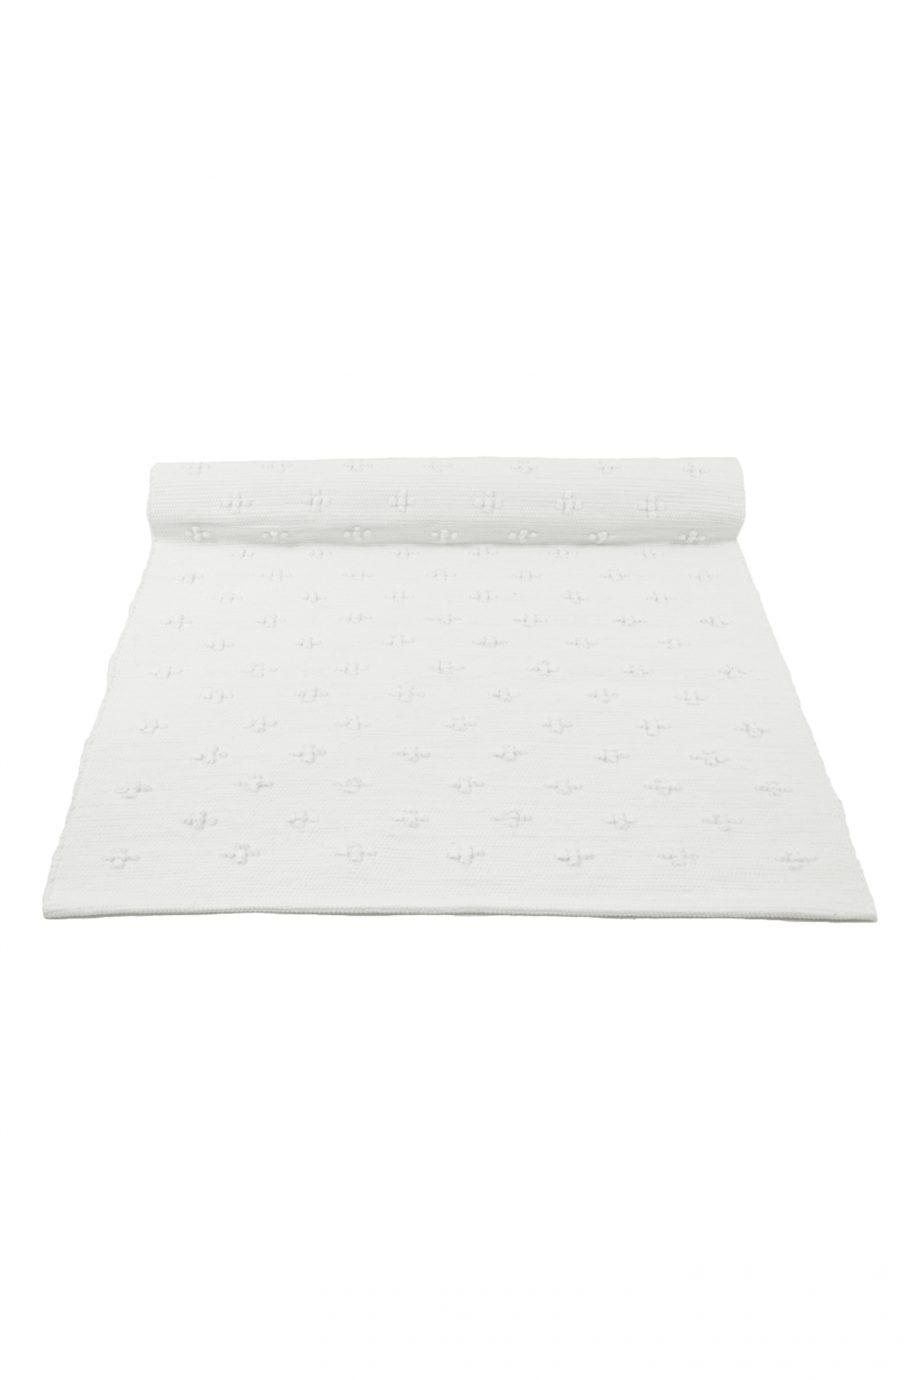 liz wit geweven katoenen kleed medium